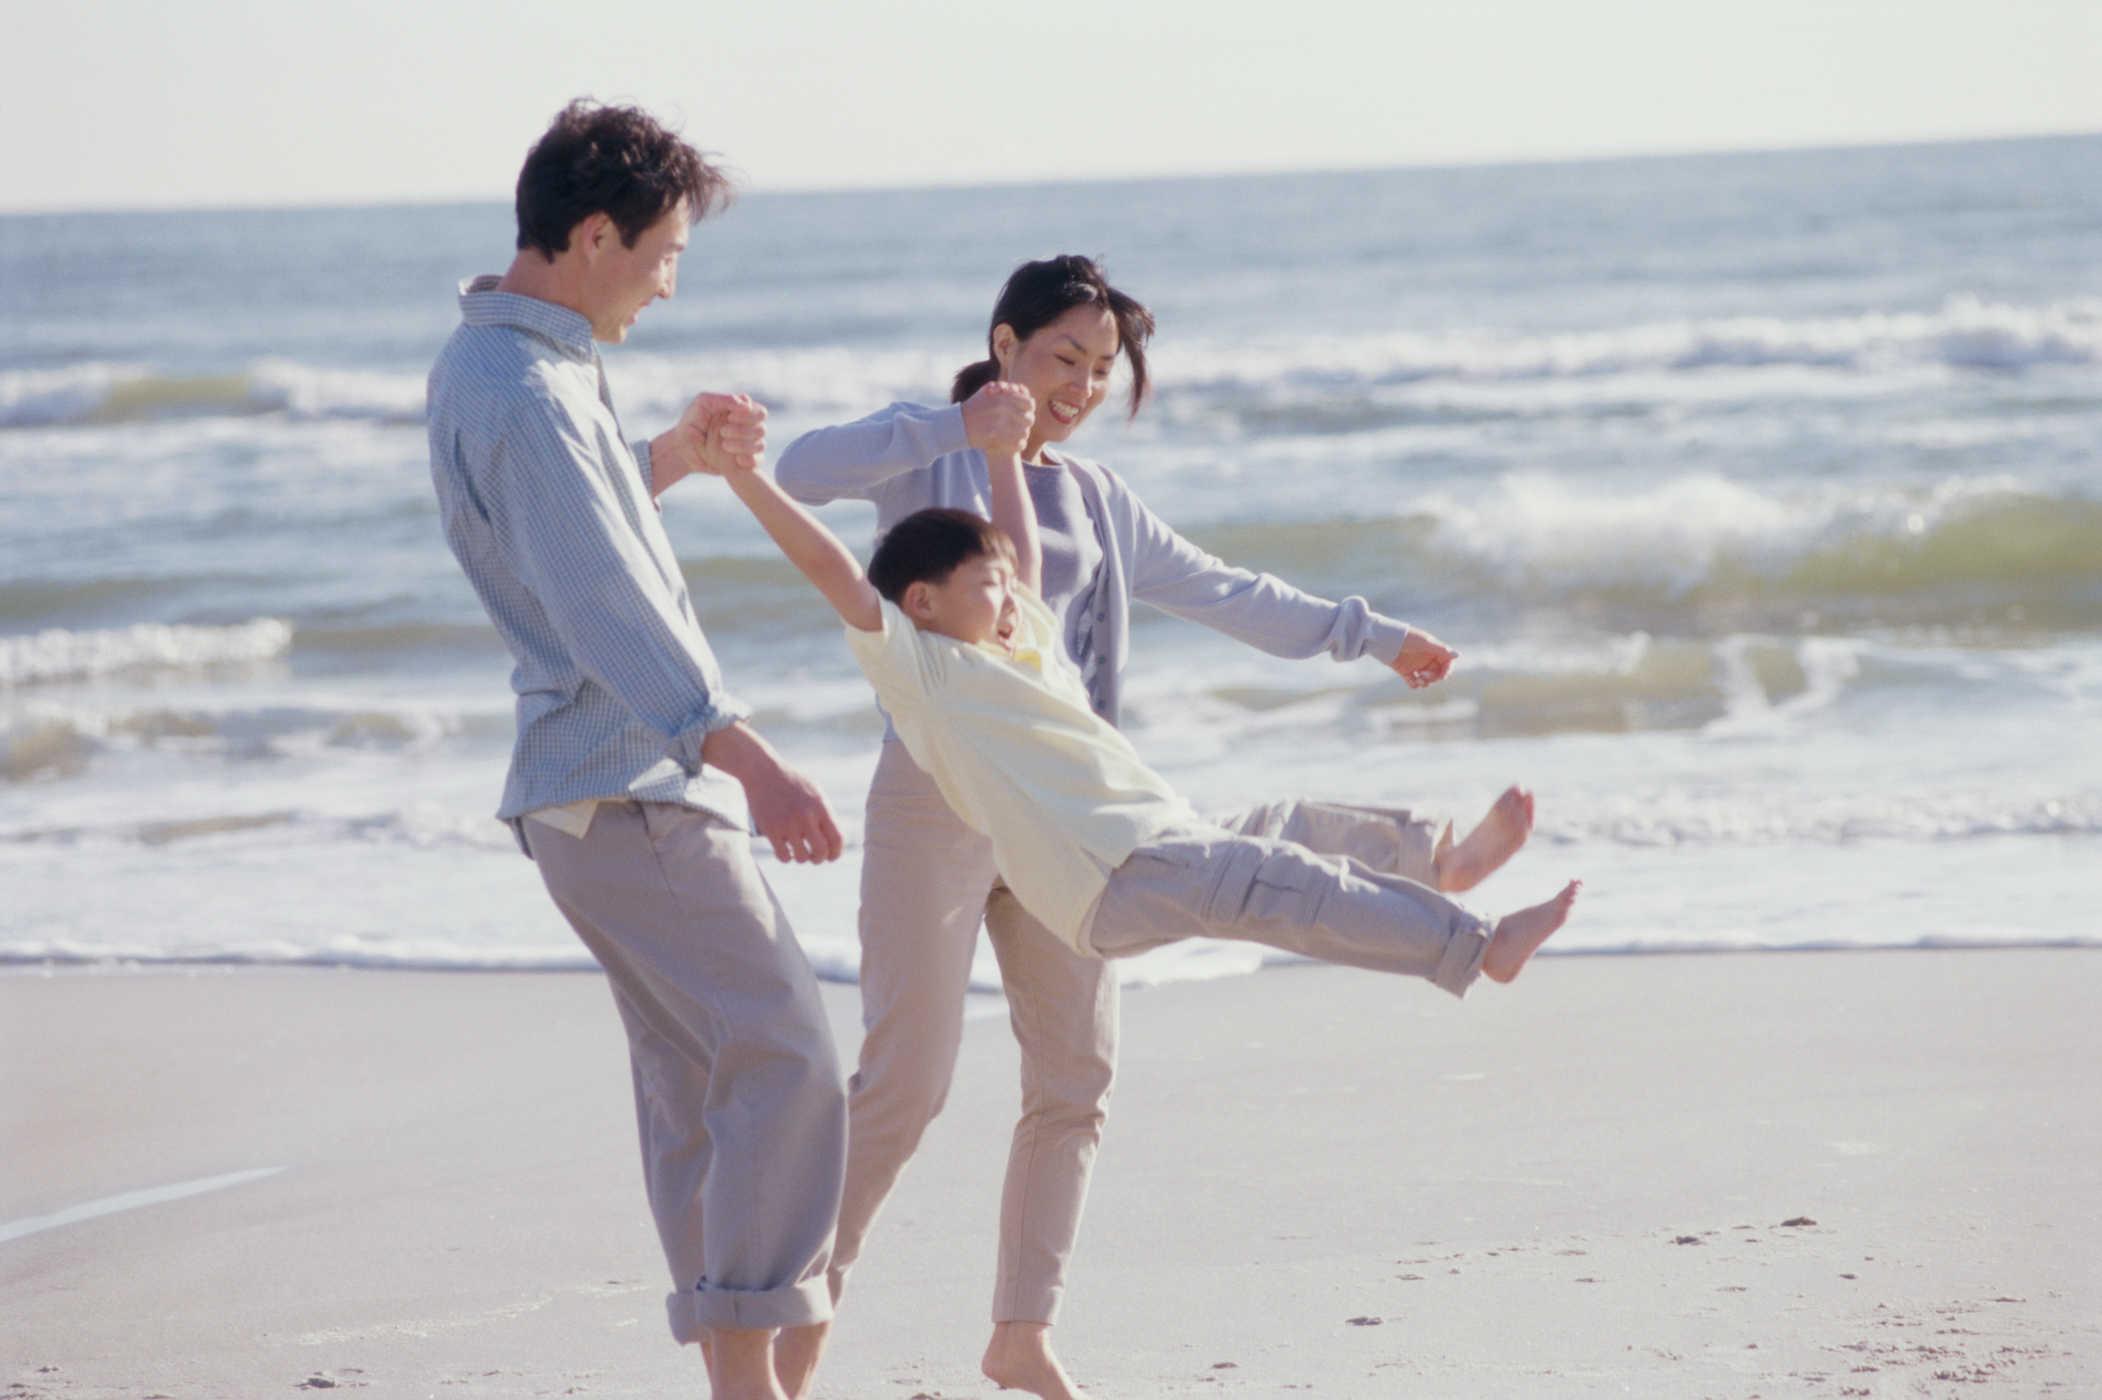 Đọc vị những suy nghĩ thầm kín của chồng, vợ nên biết để giữ gìn hạnh phúc gia đình - Ảnh 1